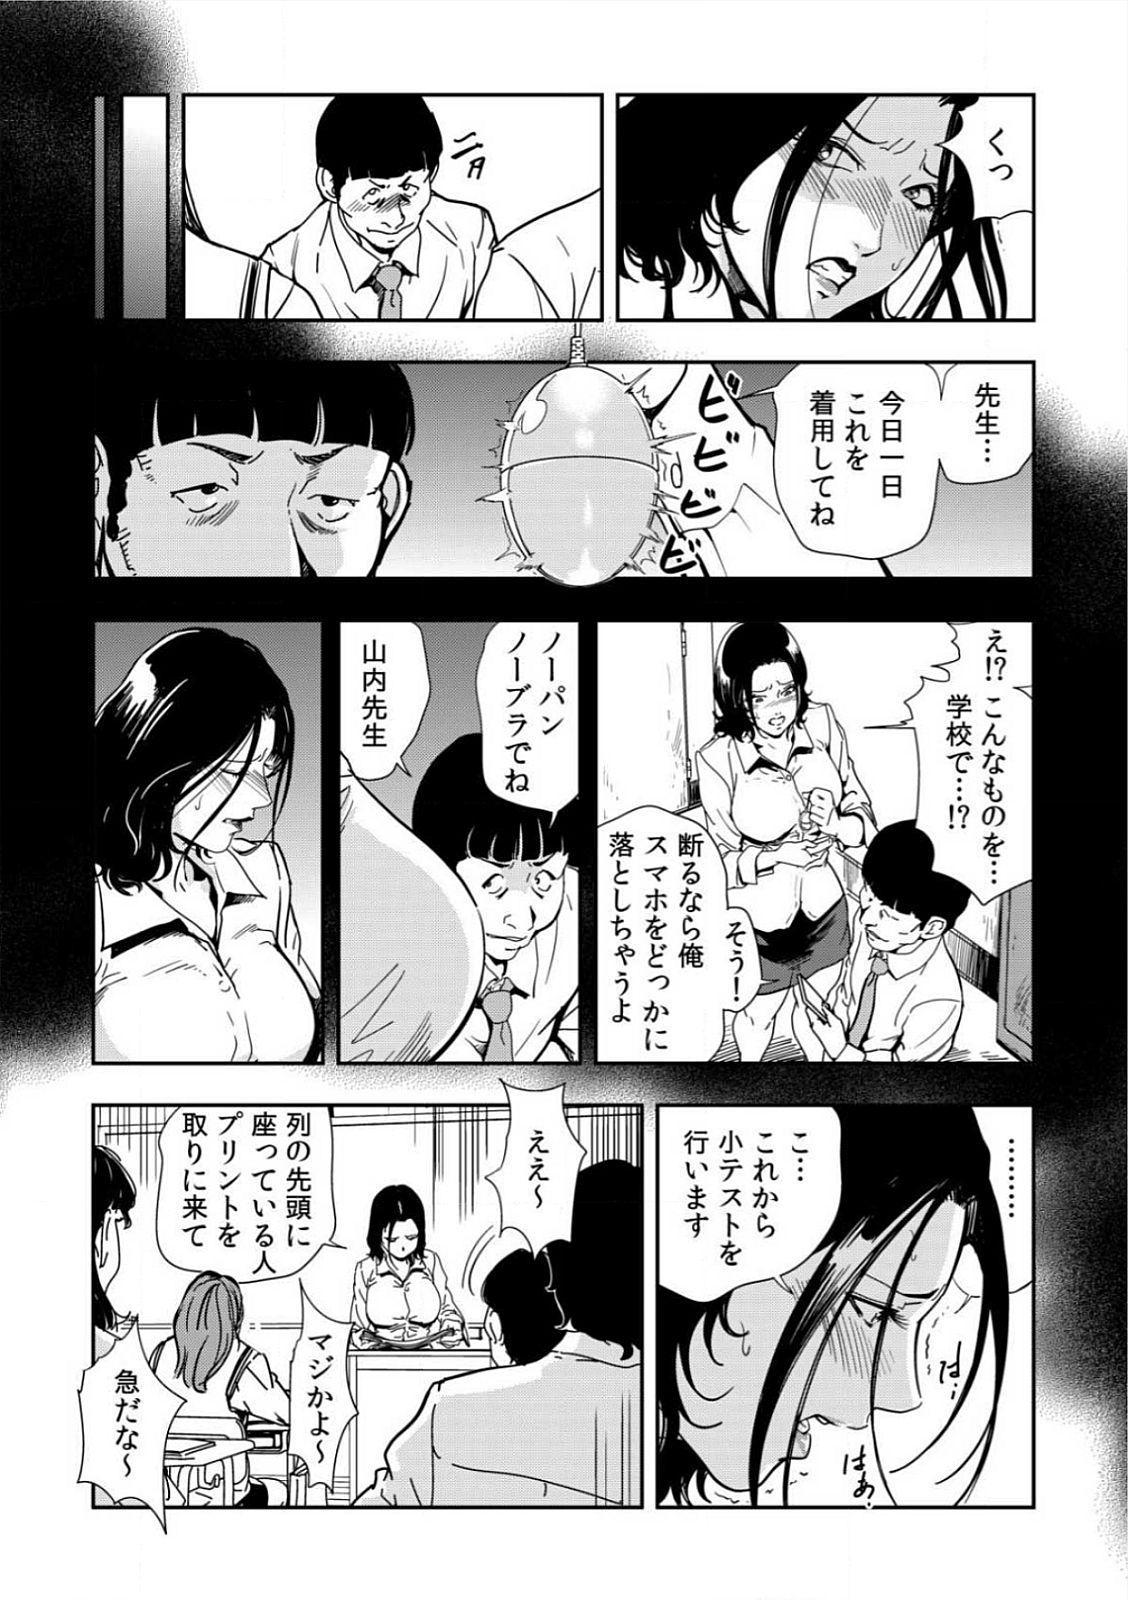 [Misaki Yukihiro] Kyousei Shidou ~Mechakucha ni Kegasarete~ (1)~(6) [Digital] 90